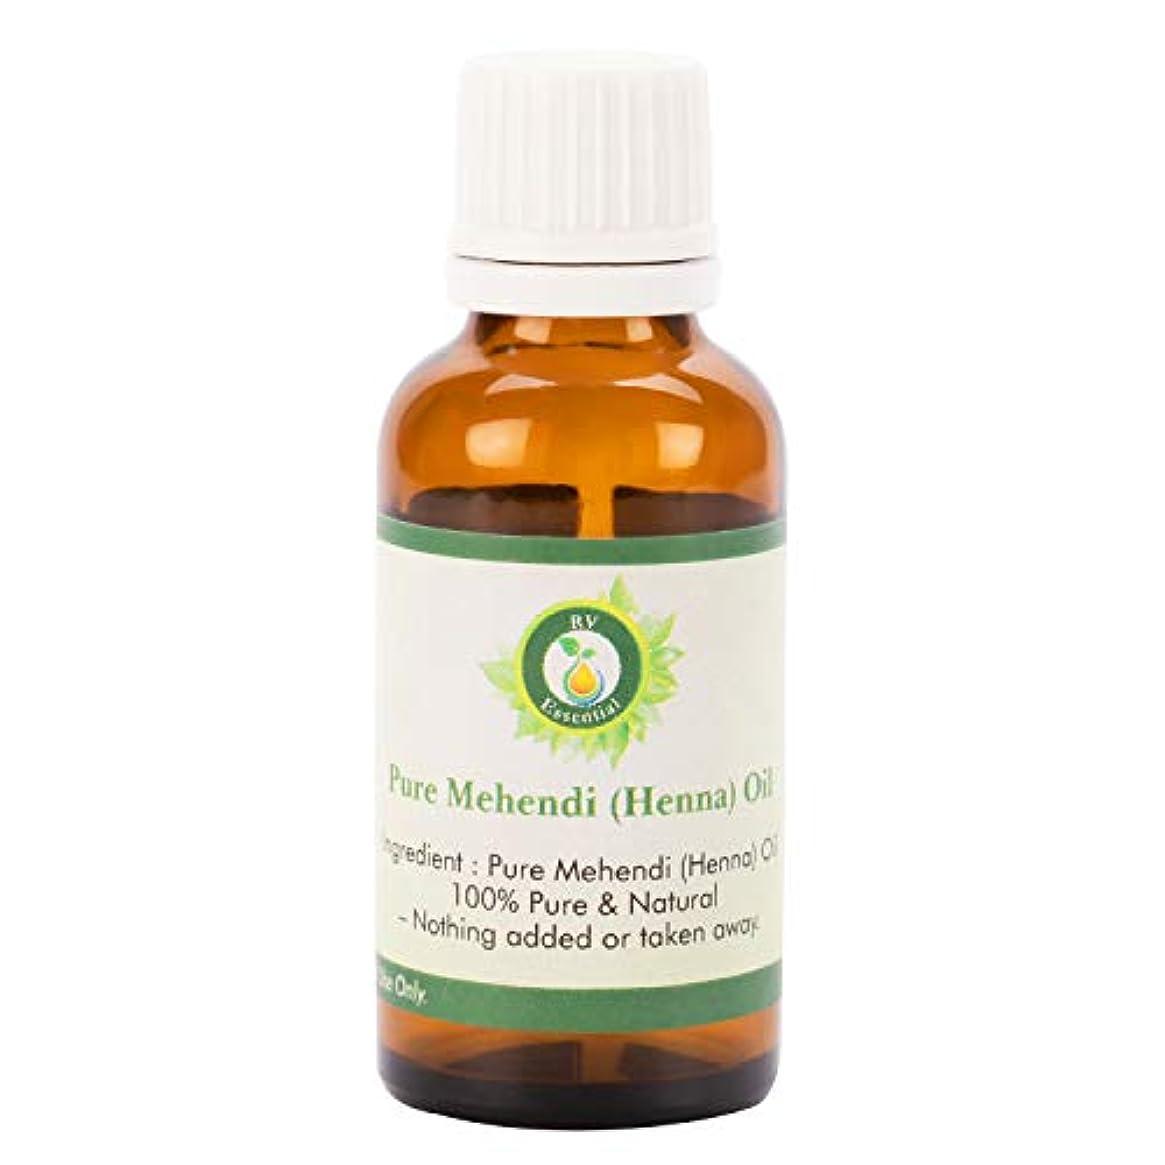 技術気分が悪い適度なピュアMehendi(ヘナ)オイル100ml (3.38oz)- (100%純粋でナチュラル) Pure Mehendi (Henna) Oil